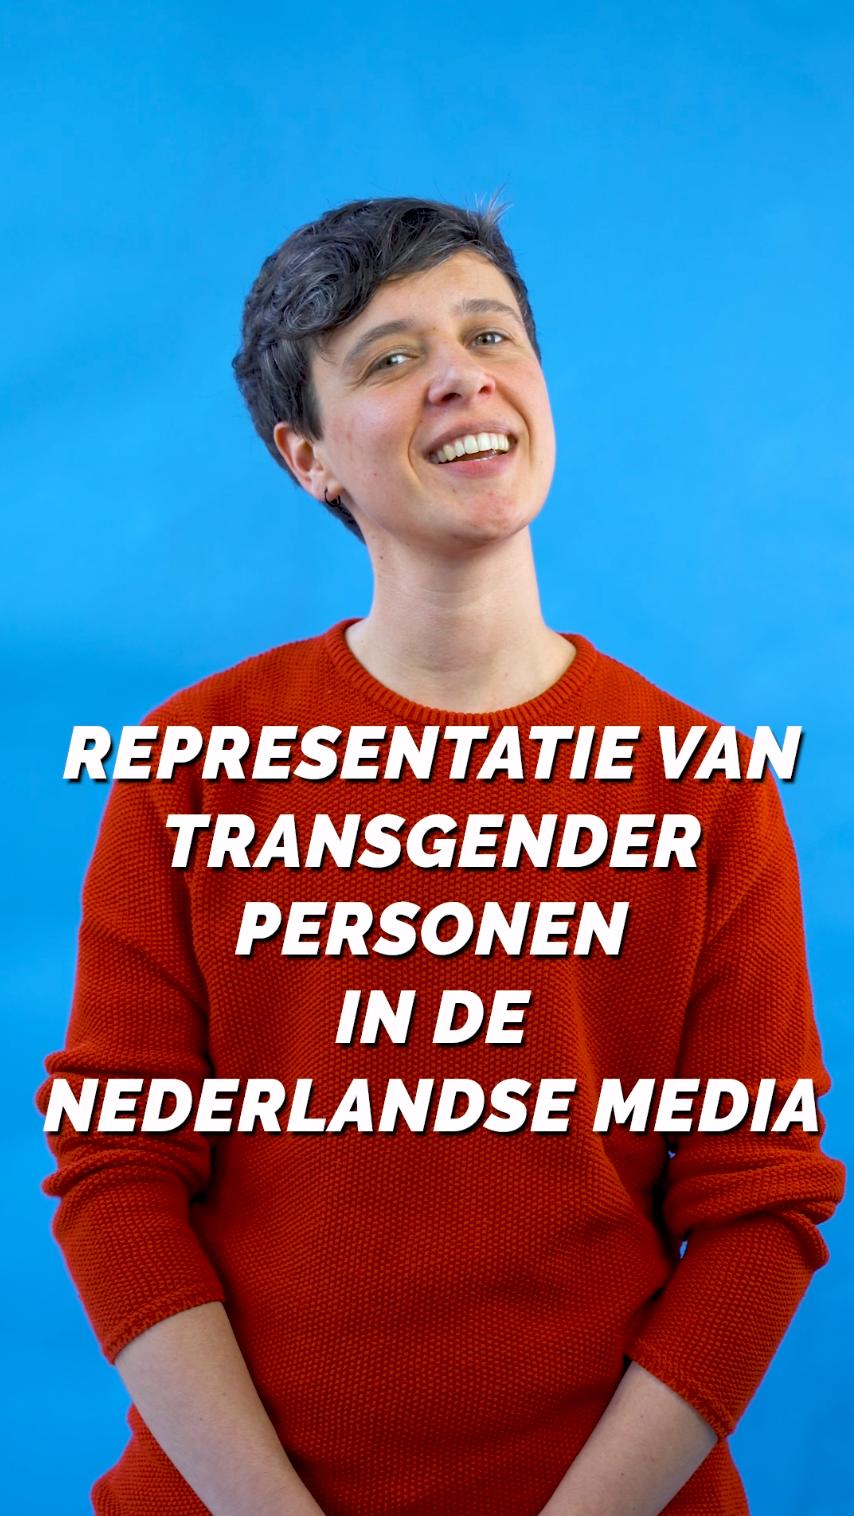 Jonah met de tekst representatie van transgender personen in de nederlandse media